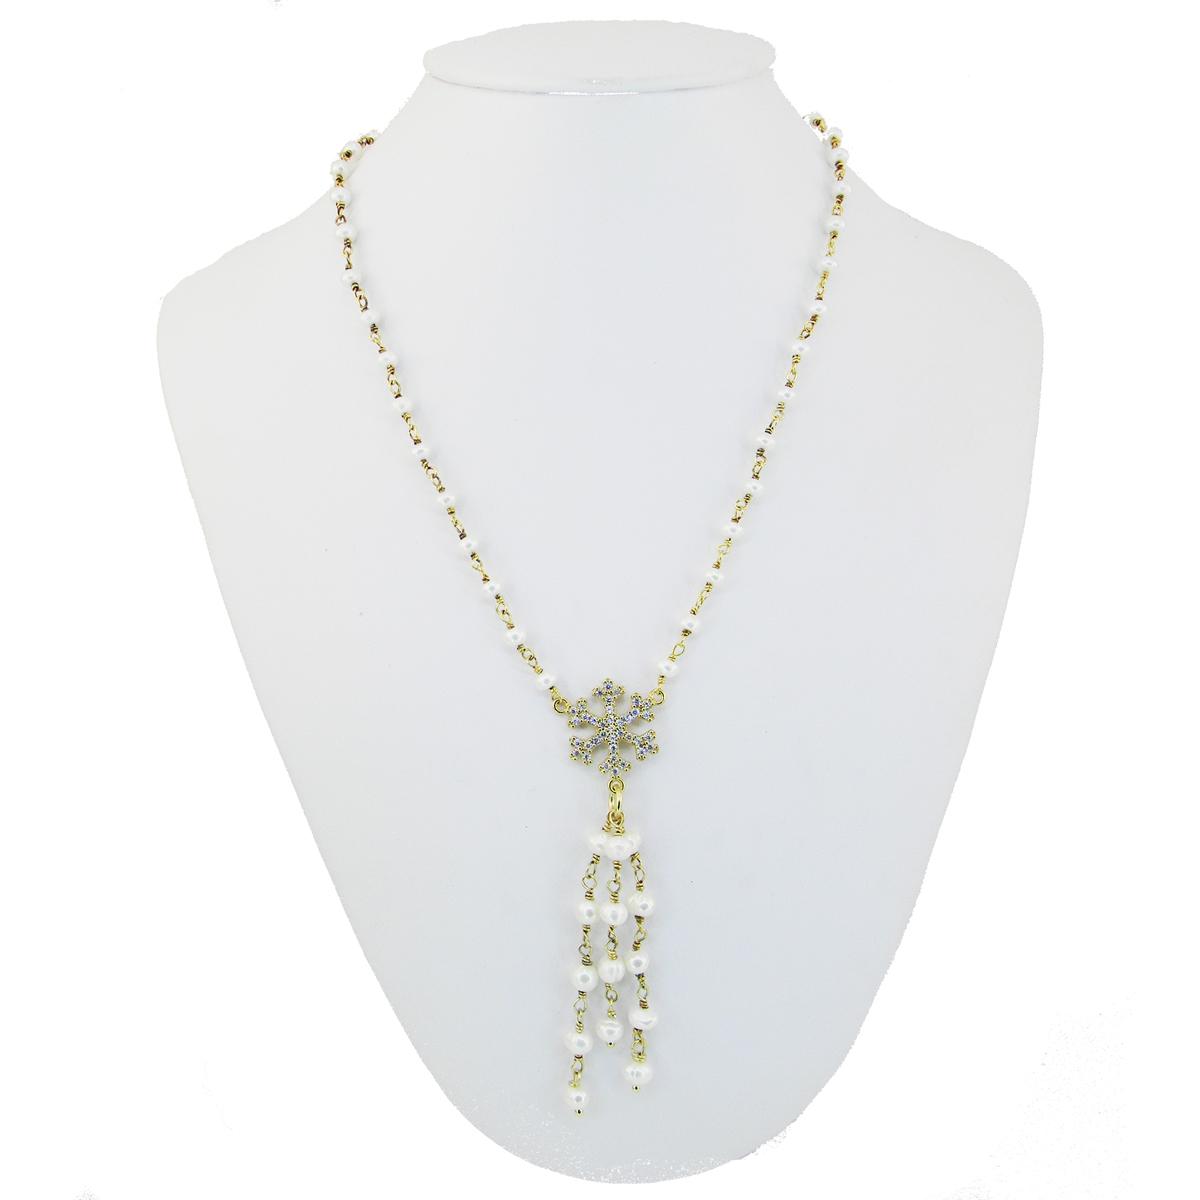 Collana perle e Fiocco di Neve, collana , perle, fiocco di neve, argento, dorato,